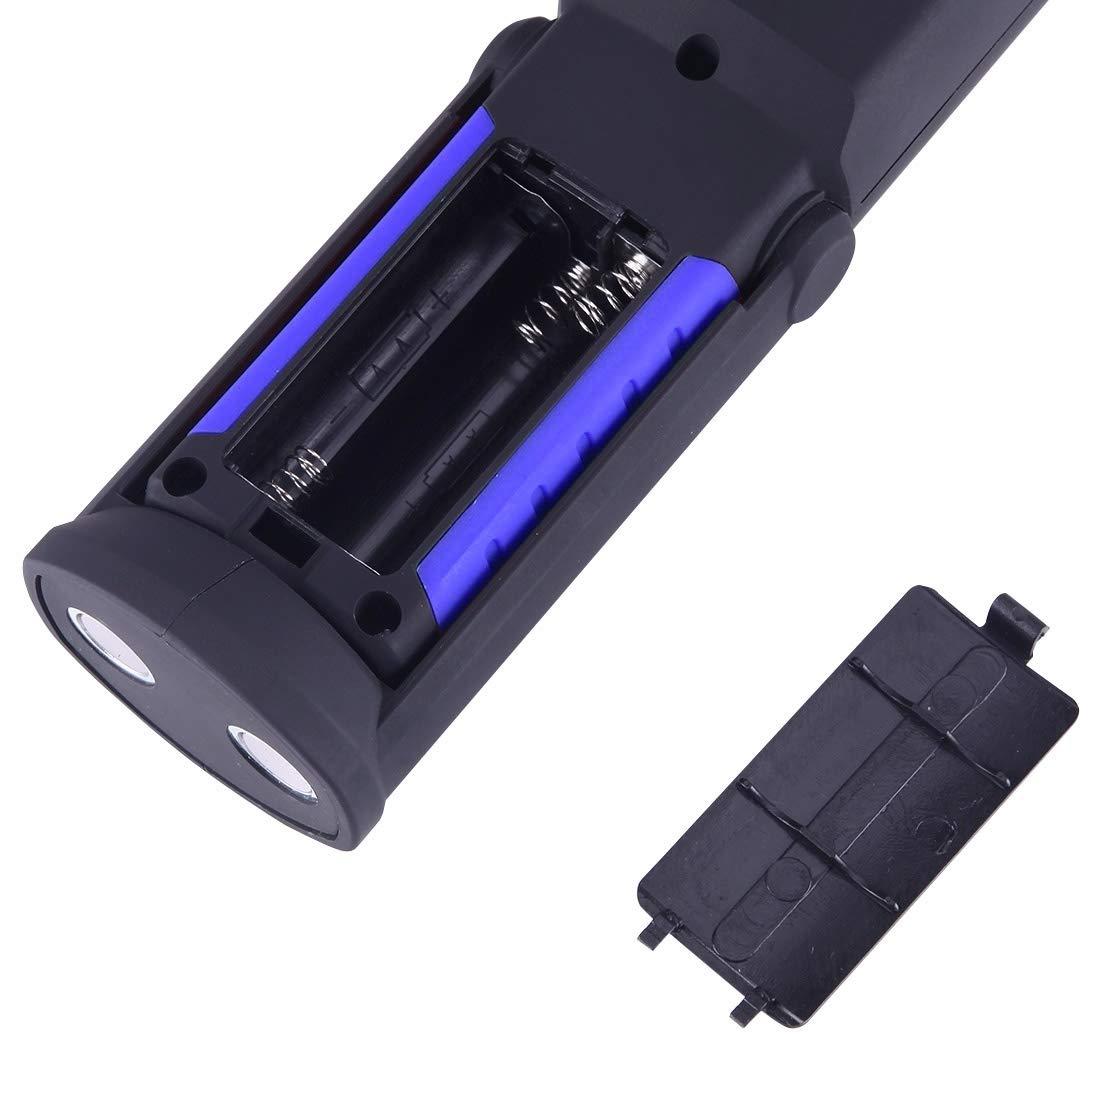 Bien parecido Resistente y duradero duradero duradero PS5W-1 5W COB + 1W F8 400 LM IP43 Impermeable Multifunción Luz blanca LED Antorcha portátil Luz de trabajo de emergencia Luz de soporte de trabajo con magnético y 3 e144e0